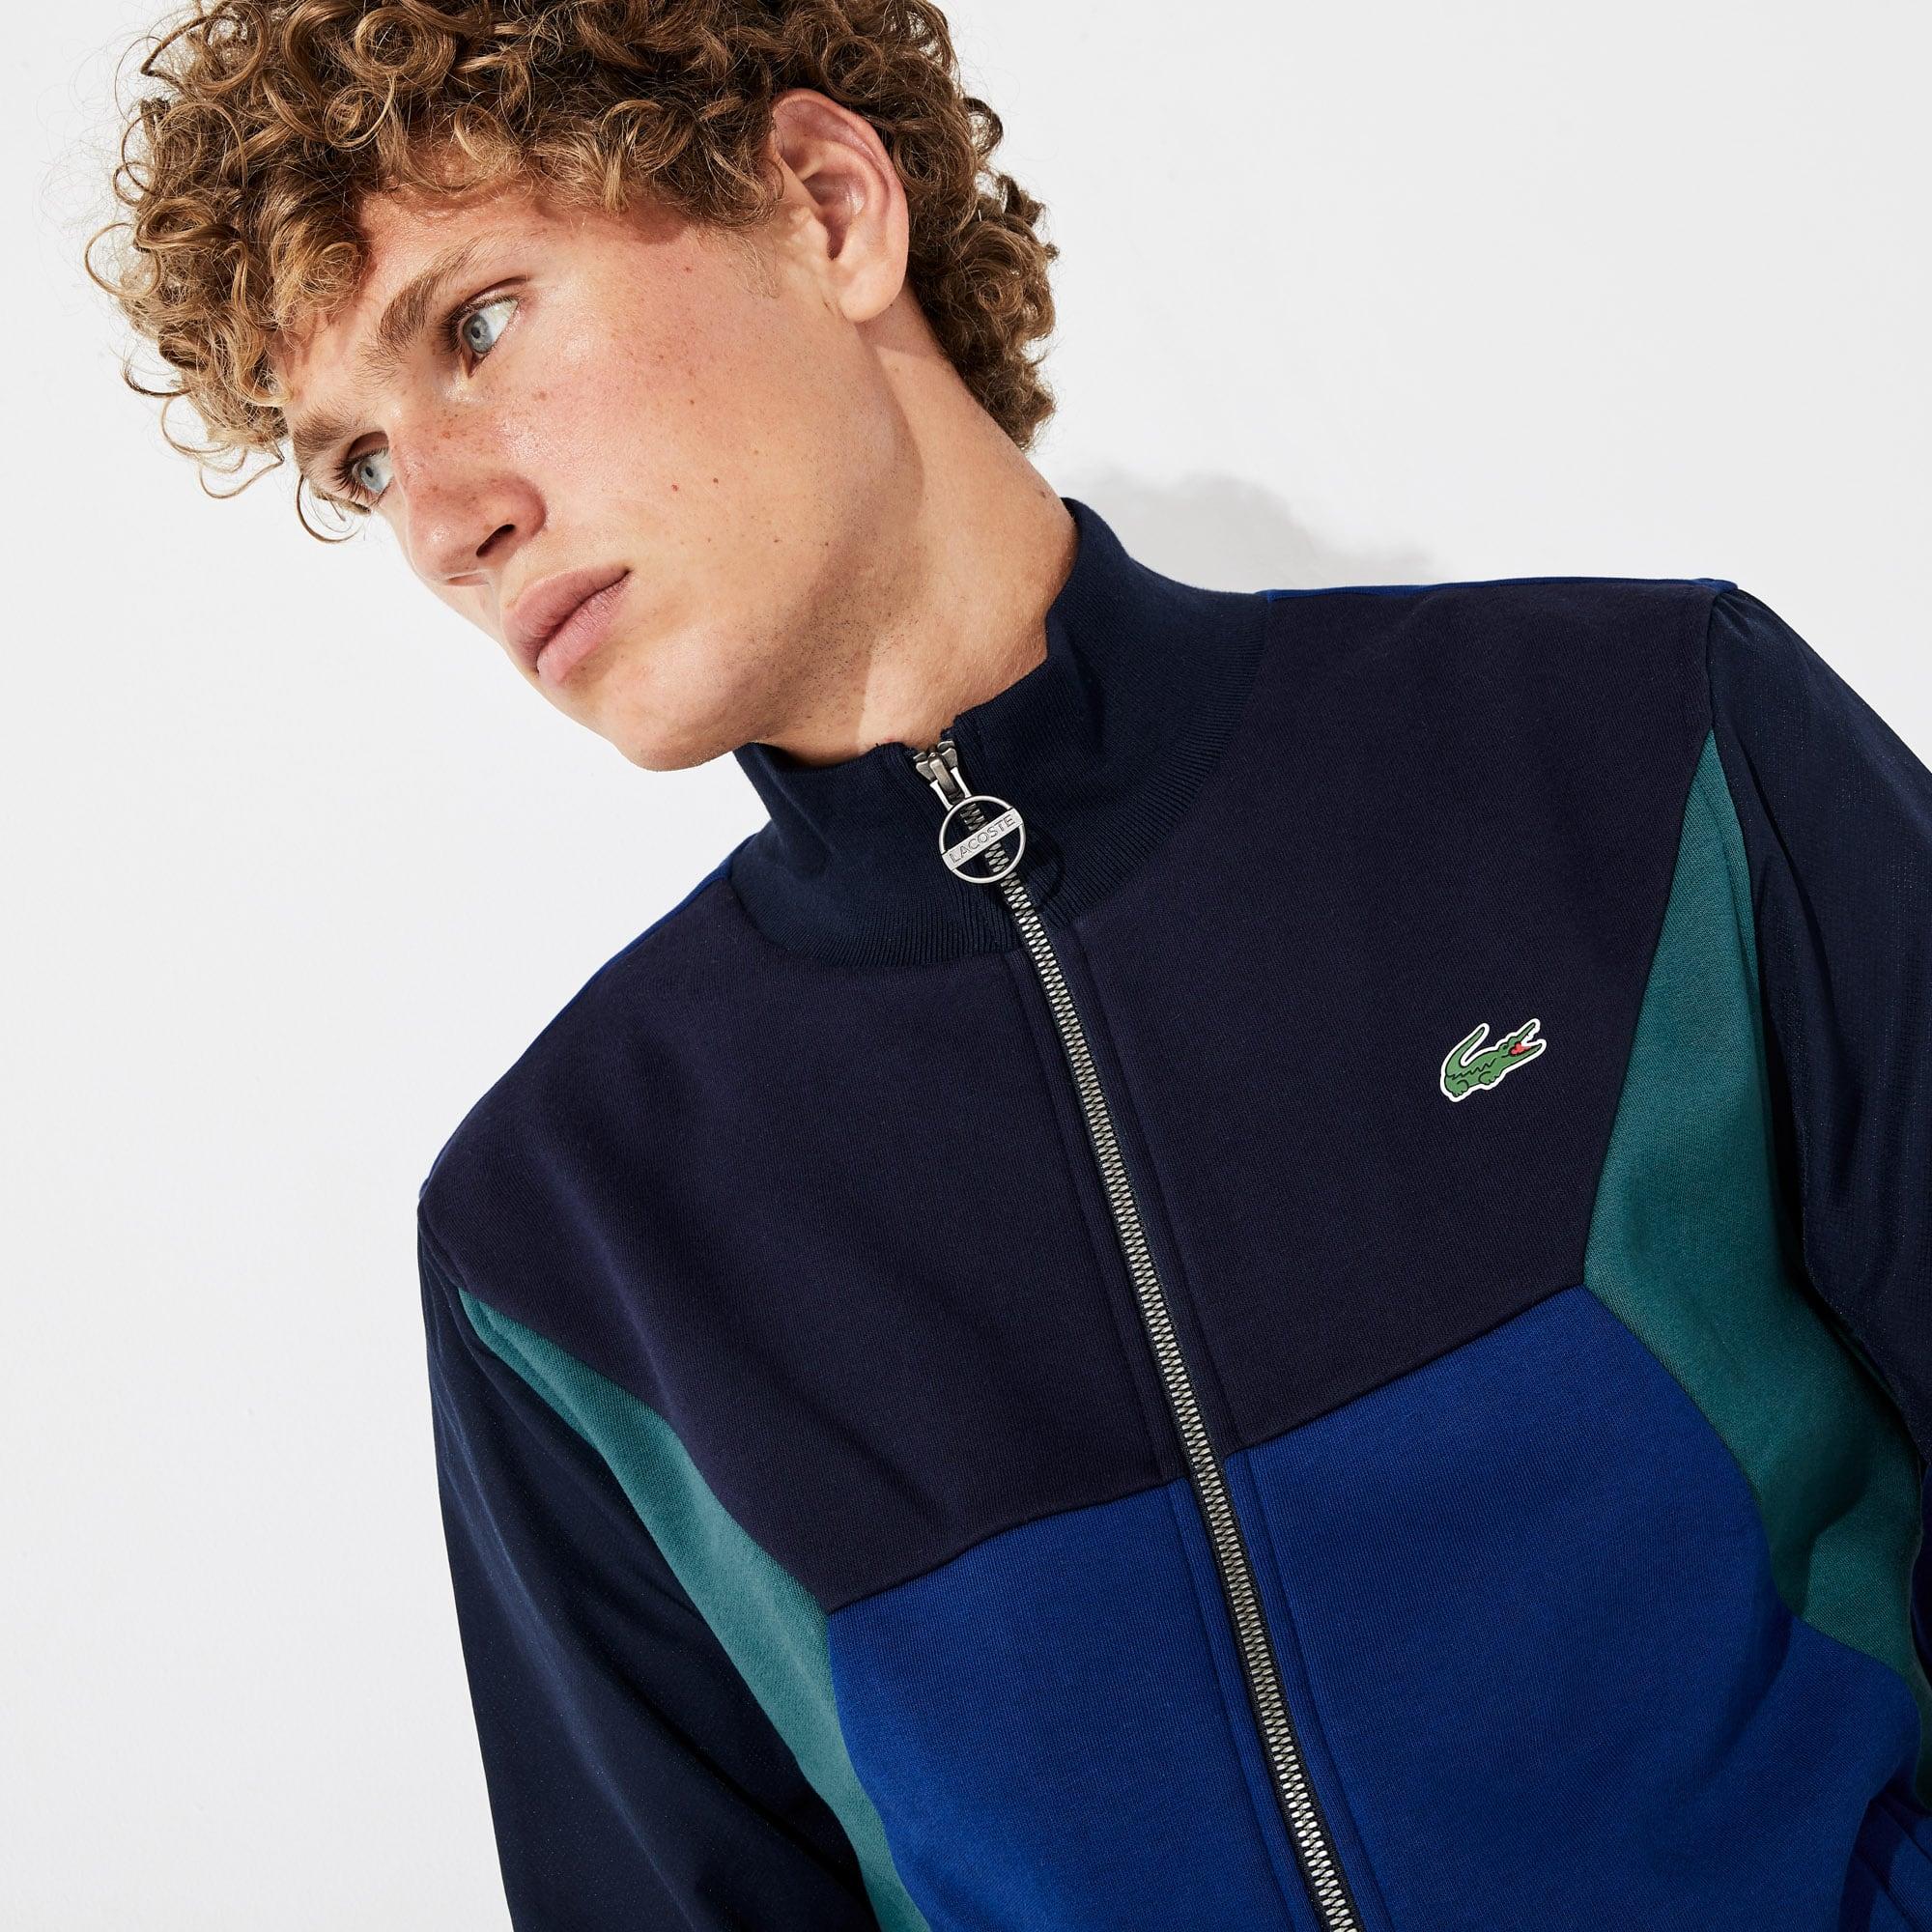 Lacoste Tops Men's SPORT Color-Blocked Zip Up Tennis Sweatshirt